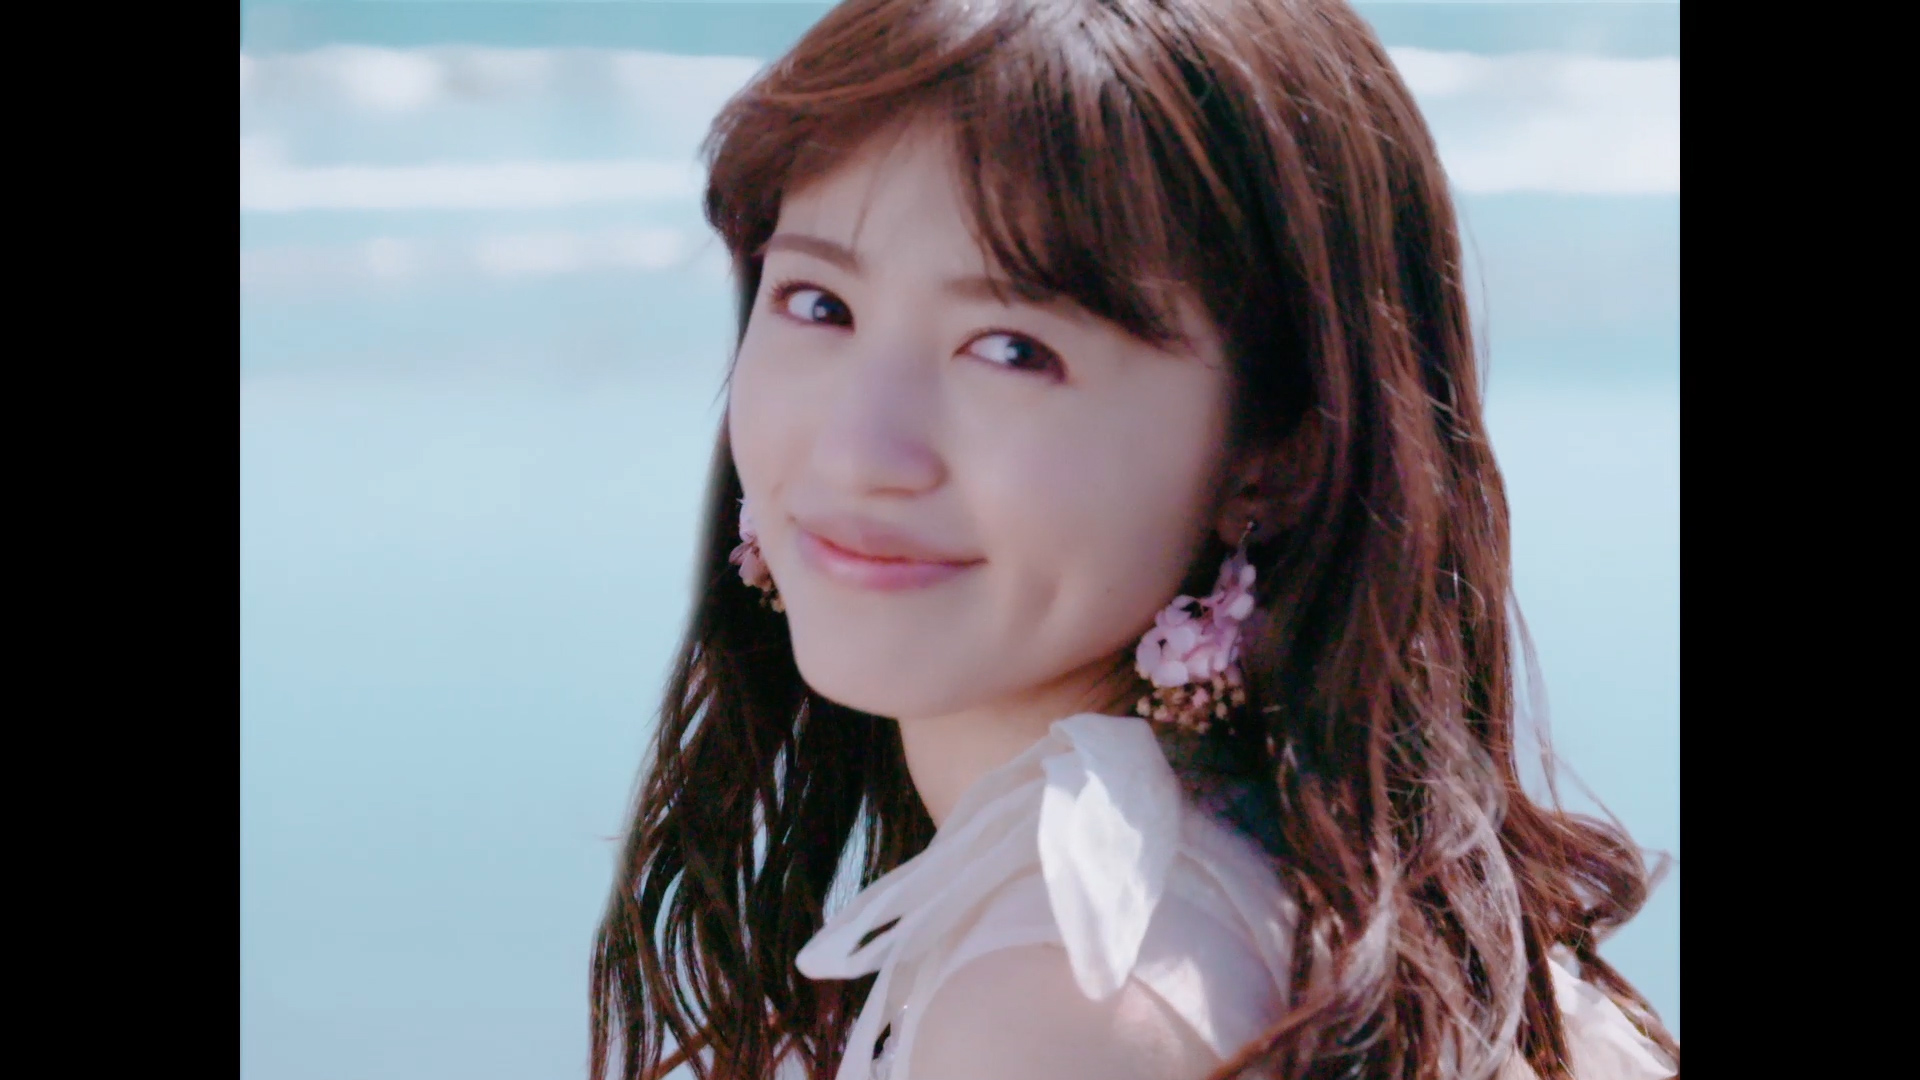 逢田梨香子「FUTURE LINE」Music Video